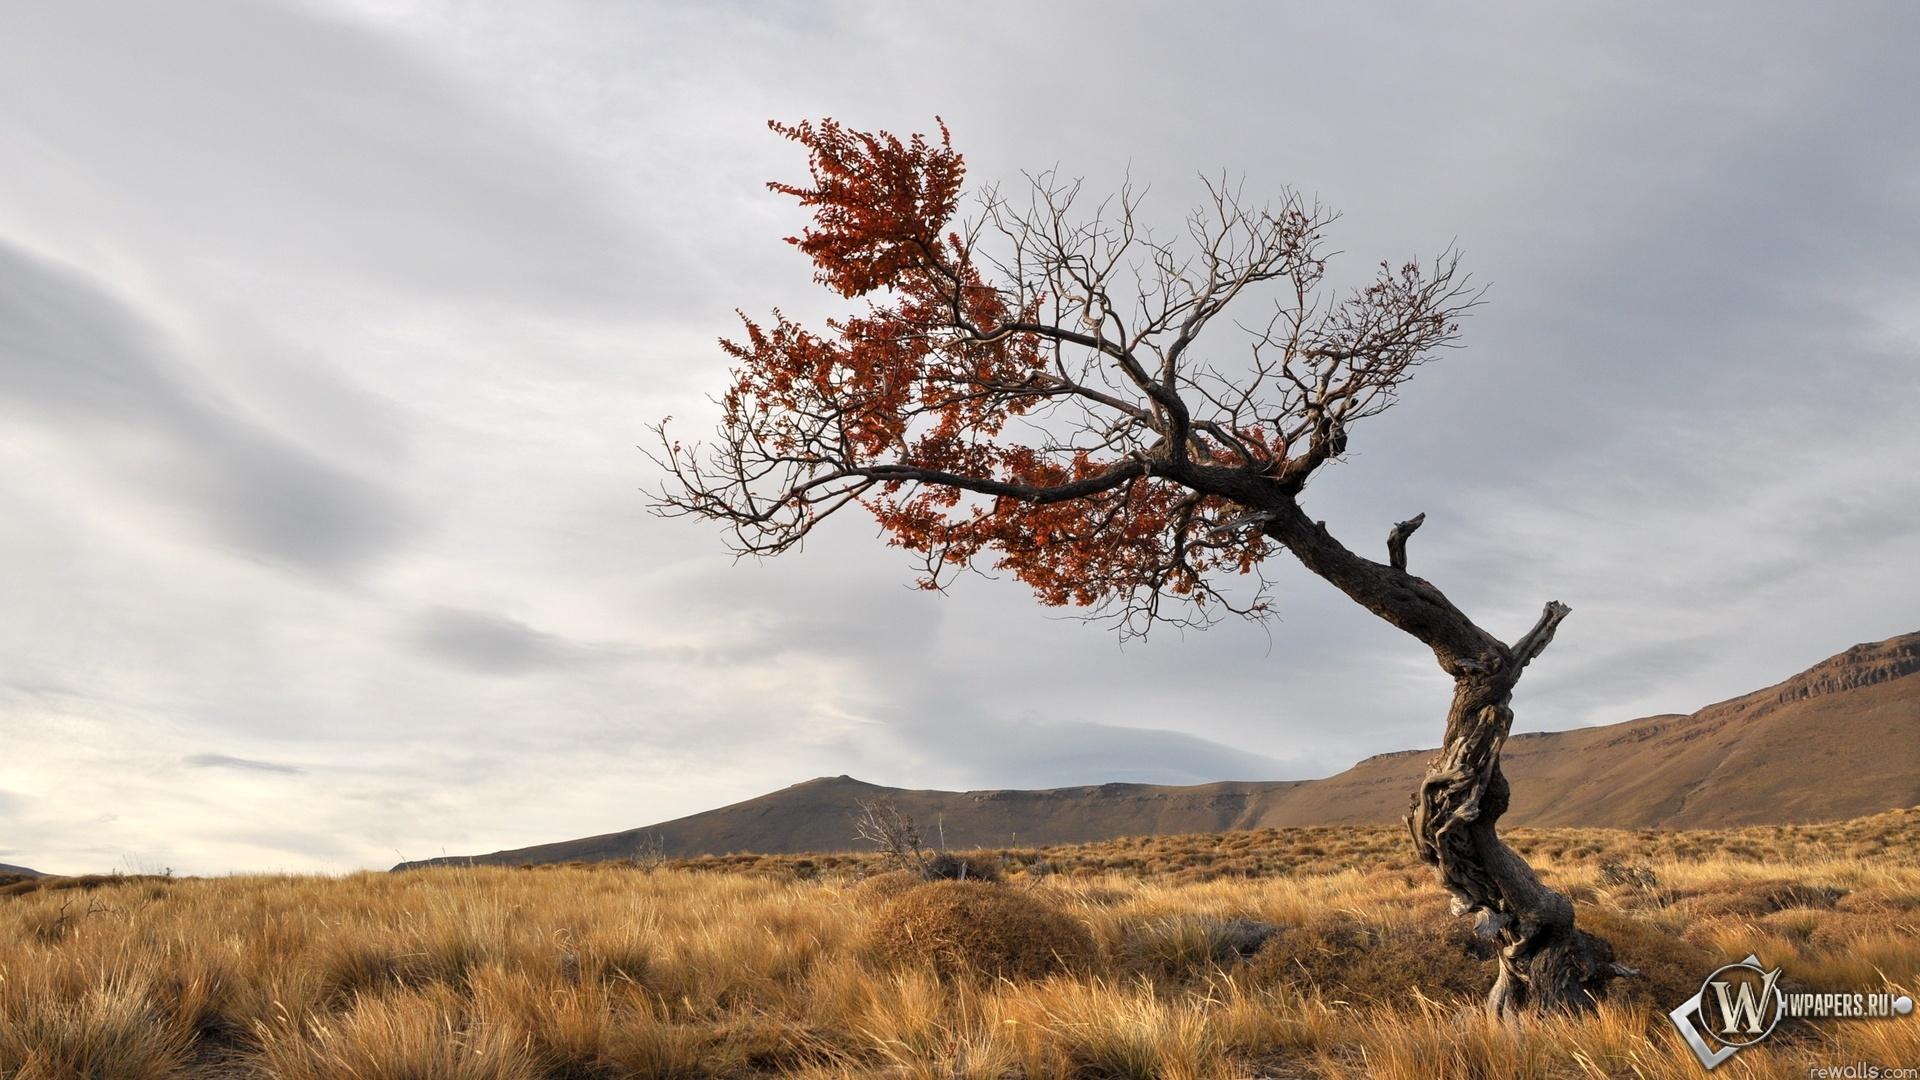 Дерево в степи 1920x1080